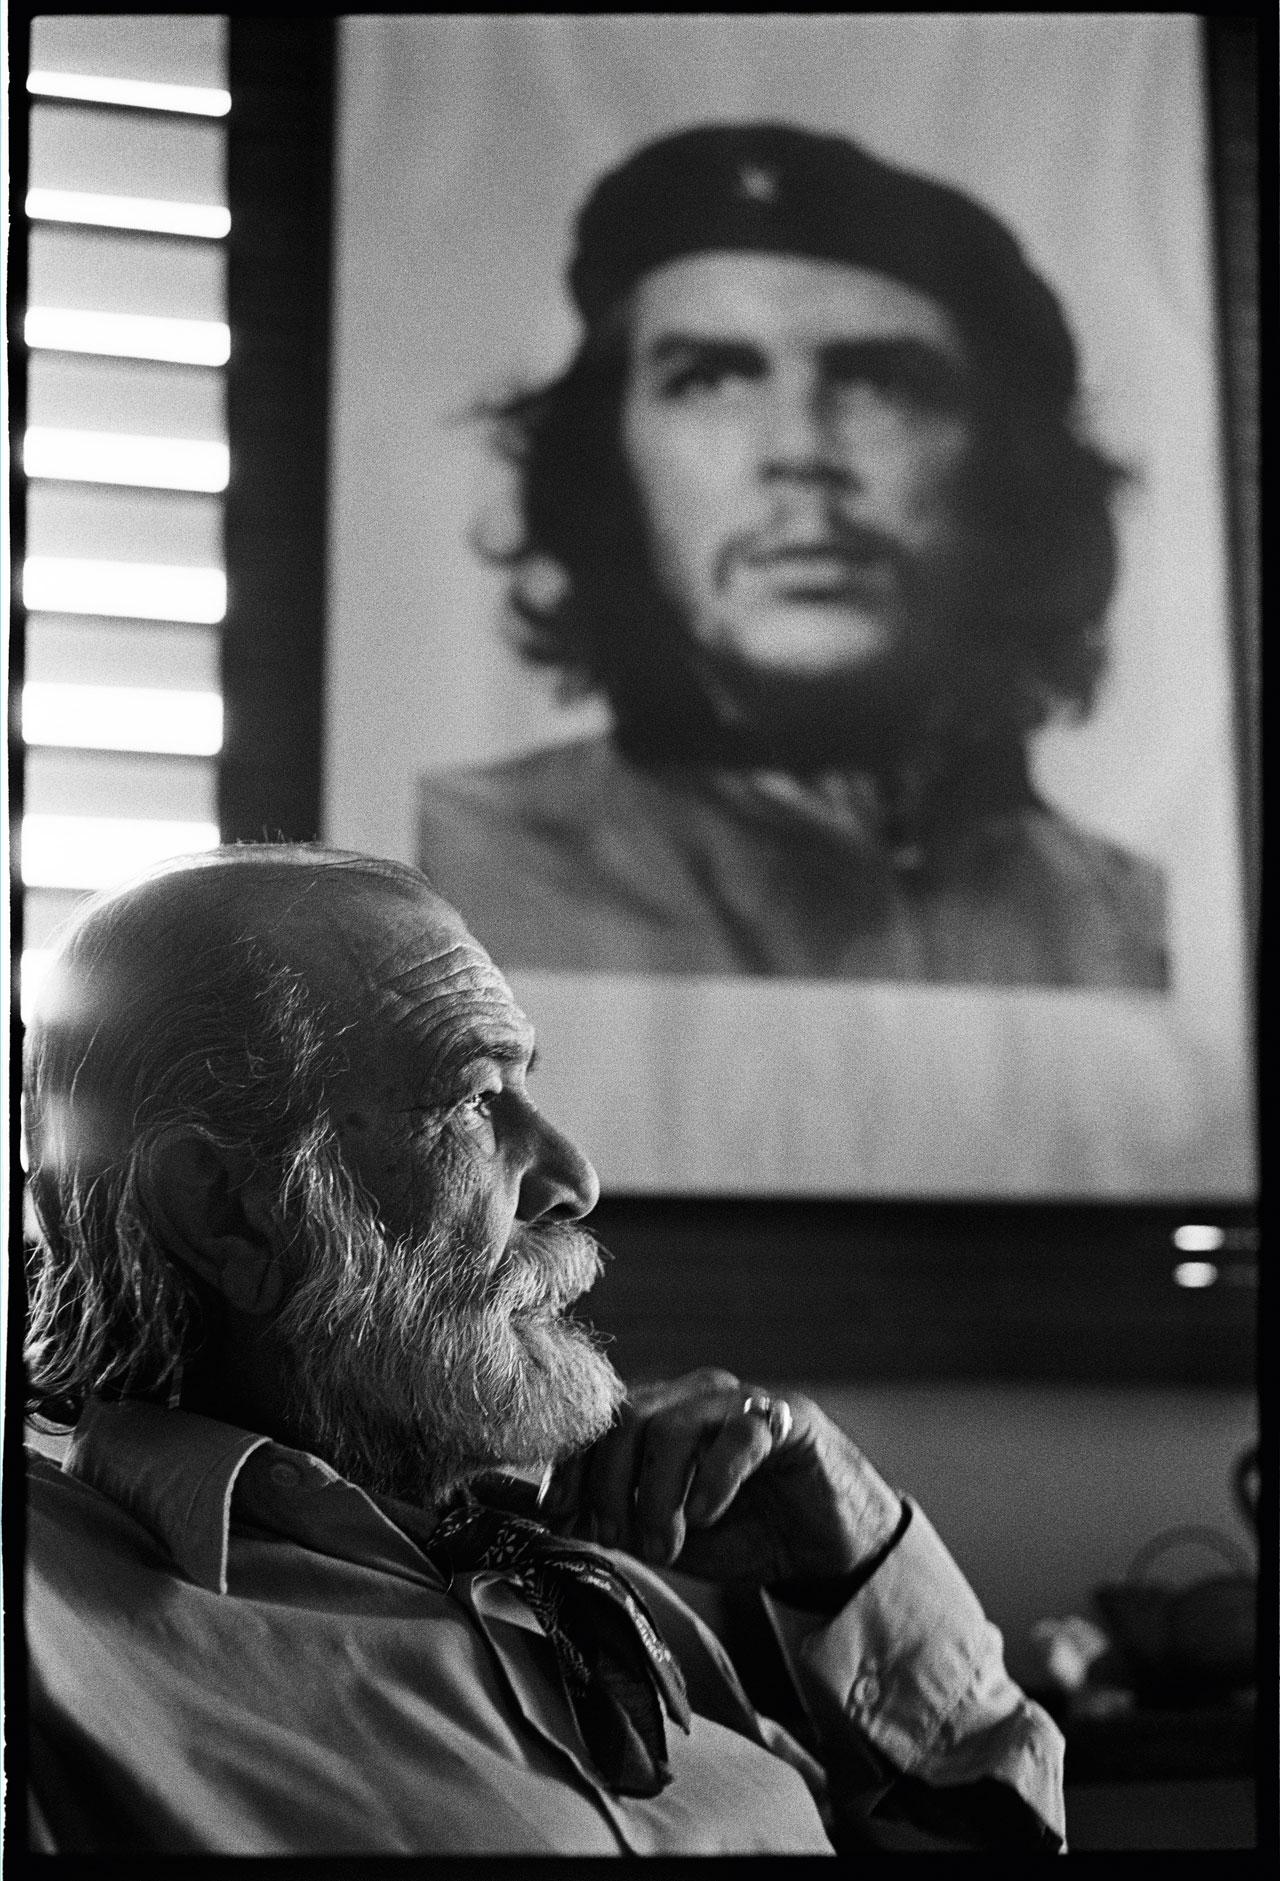 Fotograf Alberto Díaz Gutiérrez, genannt Korda, vor seinem berühmtesten Porträt Che Guevaras. Hinz machte an diesem Tag 3 Bilder von Korda – und durfte ihn daraufhin fotografisch begleiten. Havanna, Kuba, 1998.